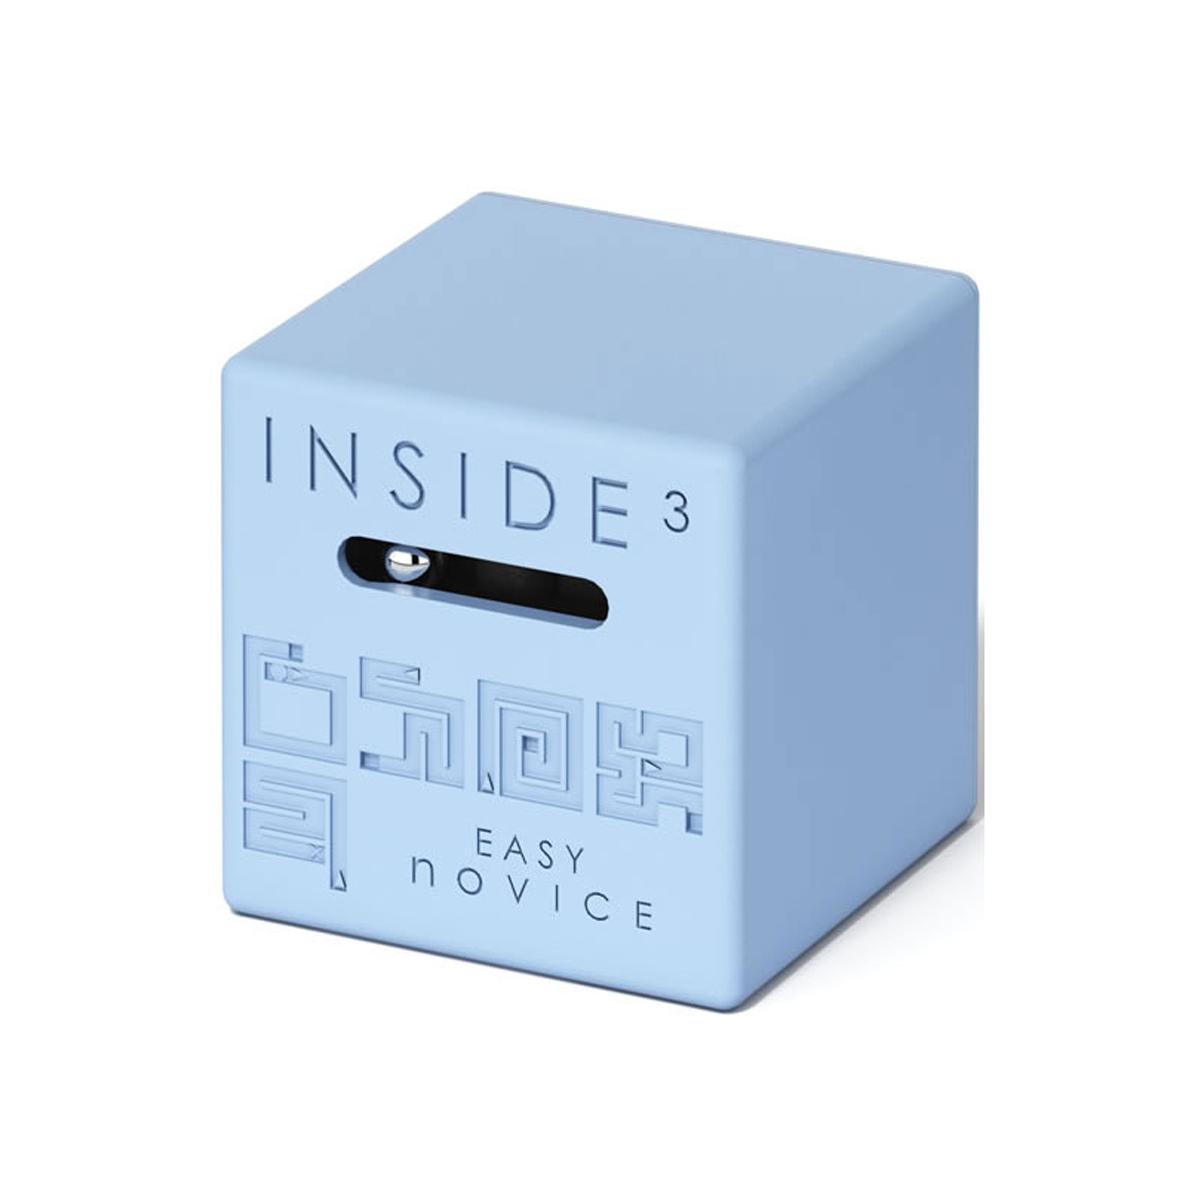 Inside Ze Cube - Bleu - Novice